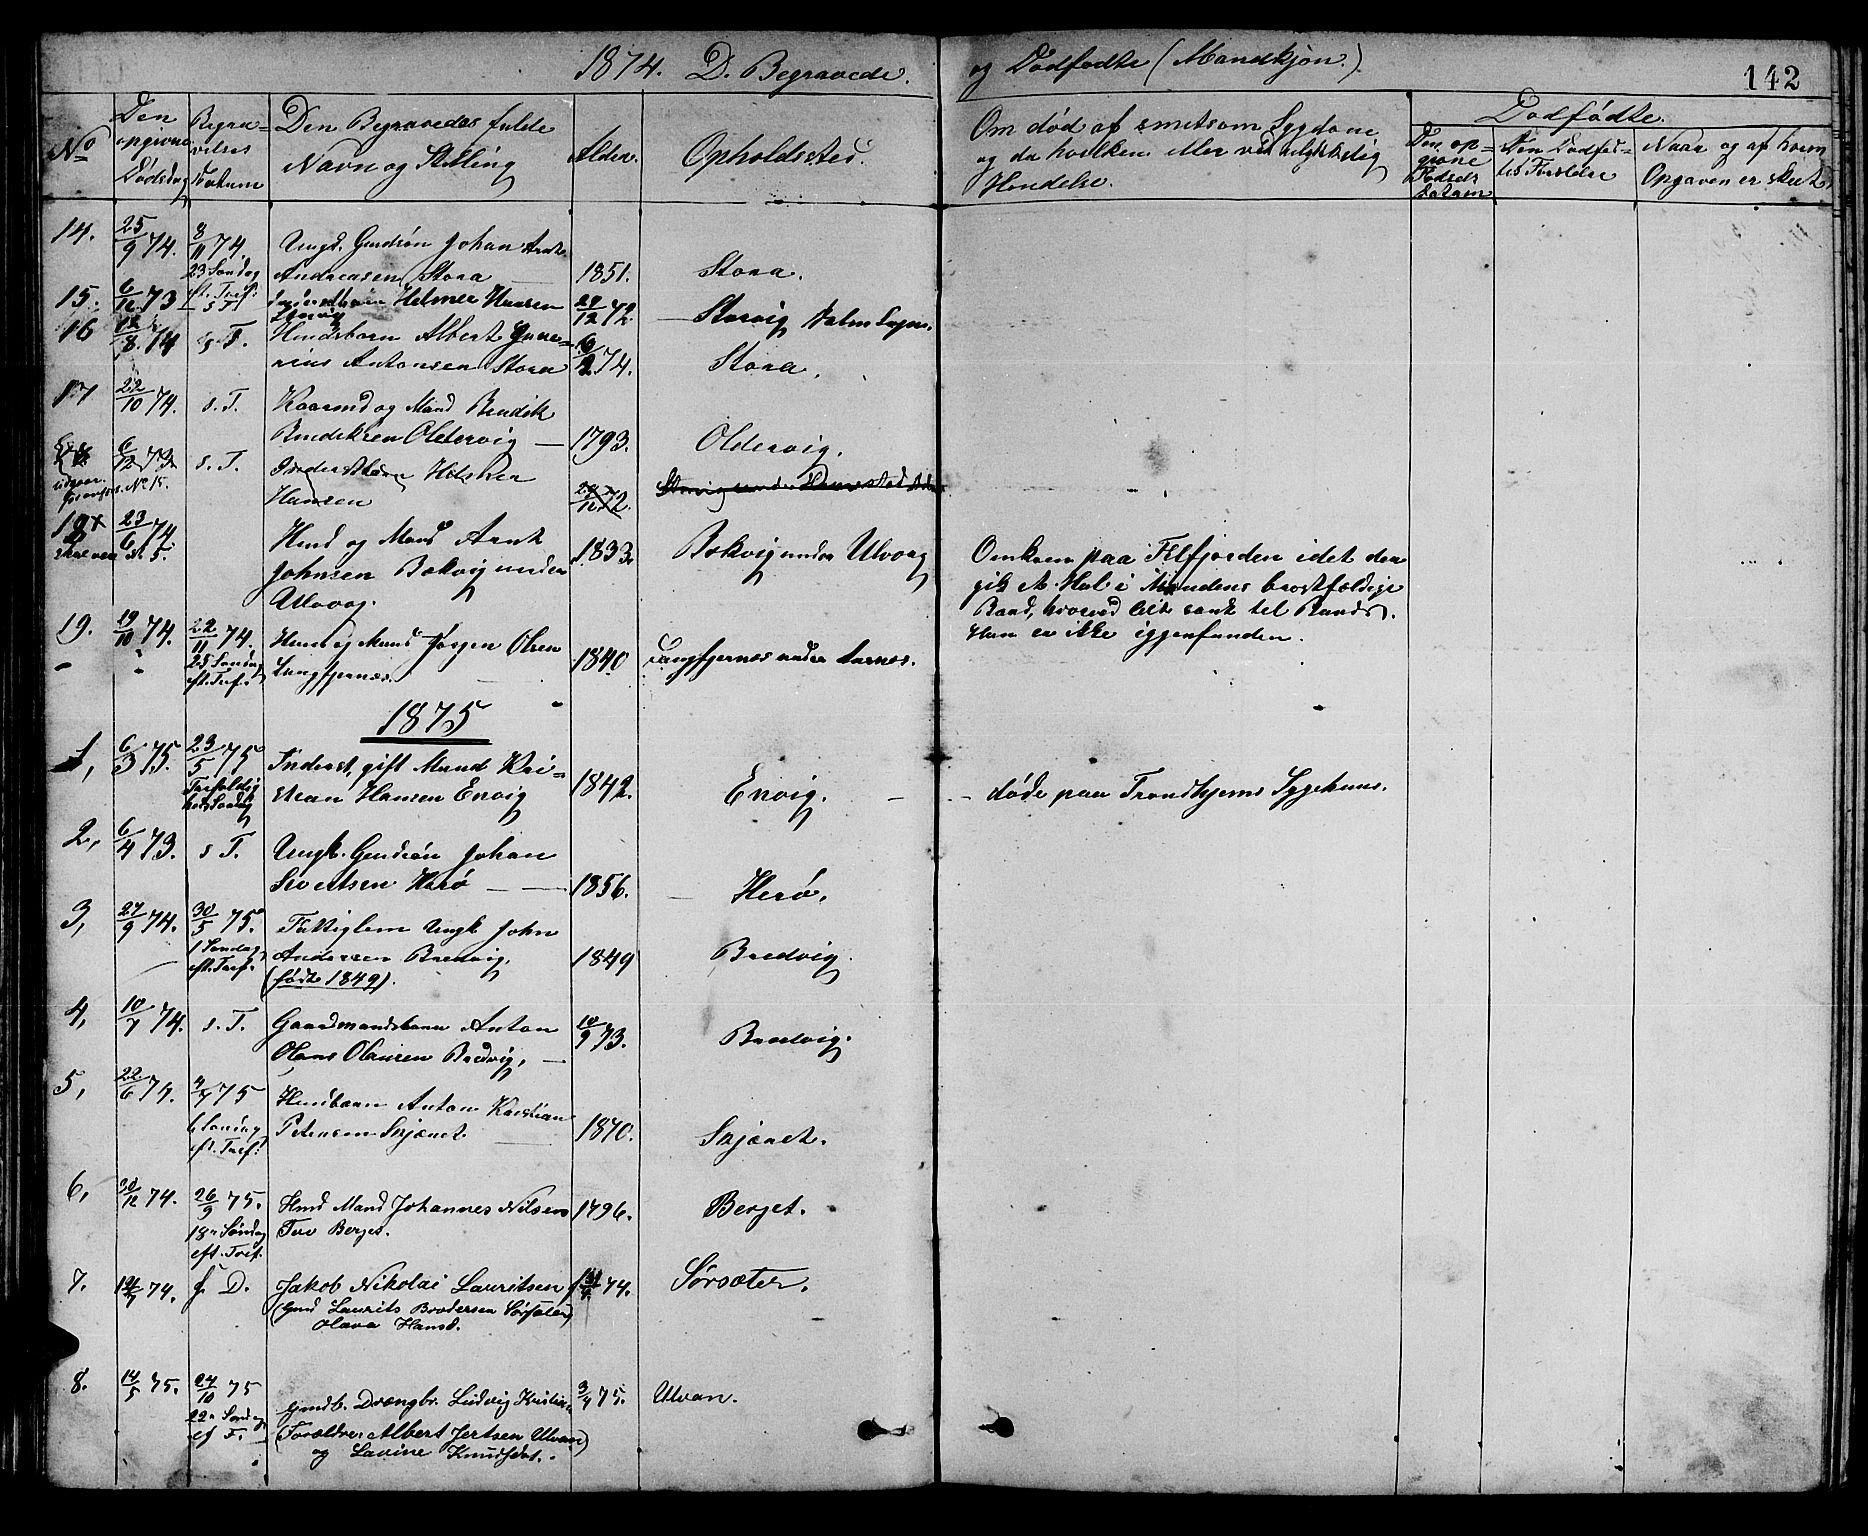 SAT, Ministerialprotokoller, klokkerbøker og fødselsregistre - Sør-Trøndelag, 637/L0561: Klokkerbok nr. 637C02, 1873-1882, s. 142